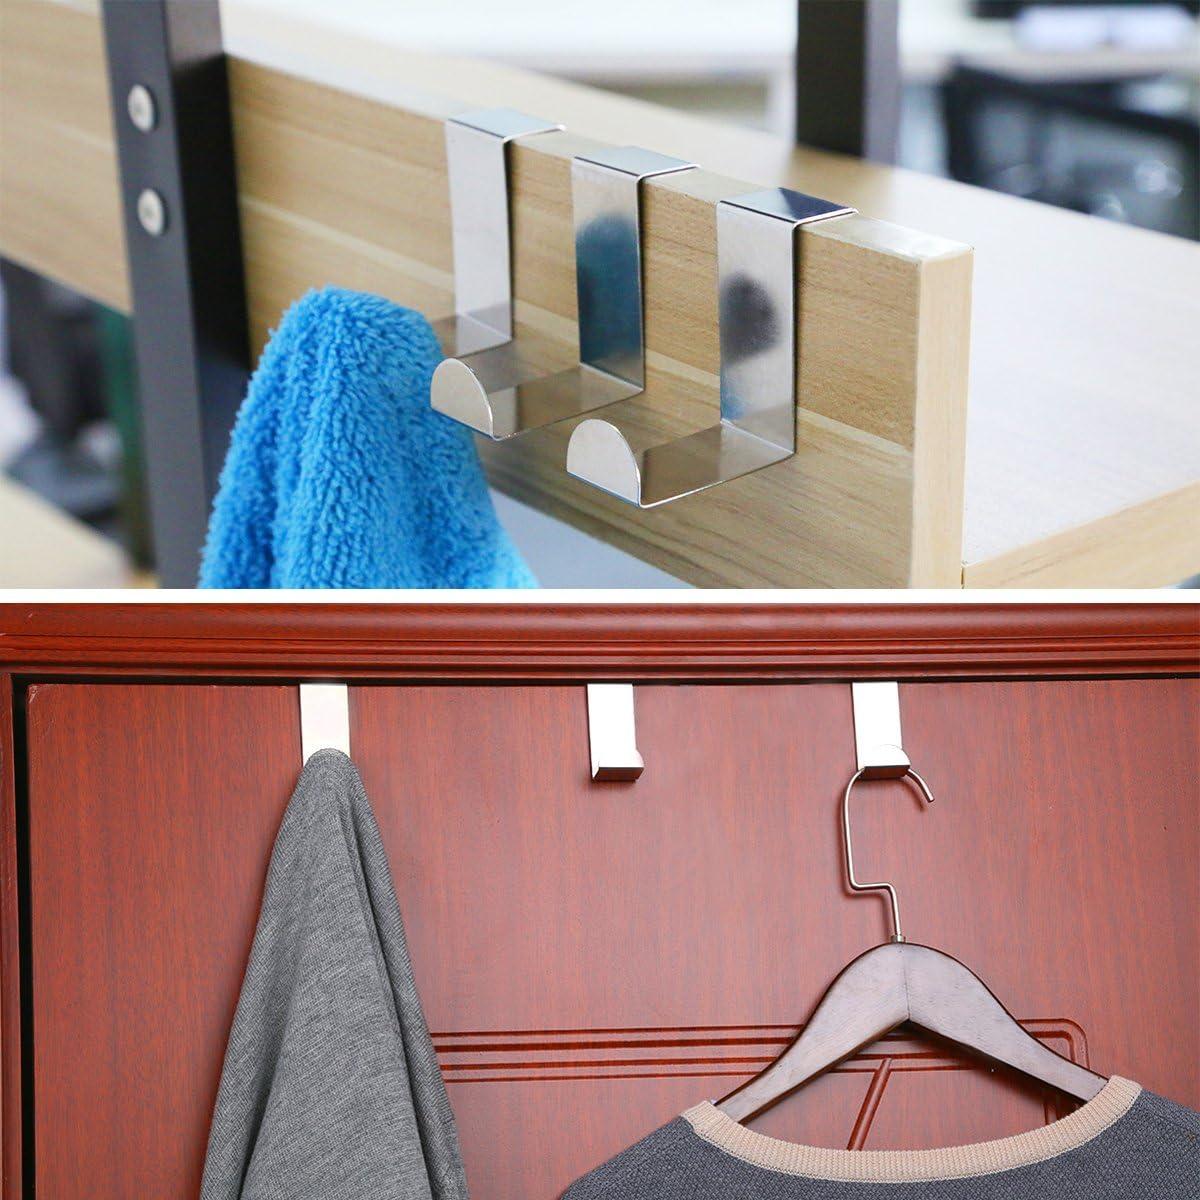 4 teilige T/ürhaken Kleiderhaken Badezimmerhaken aus Edelstahl ideale f/ür Geschirre Handtuch Kleidung und Rostfrei Maximale Belastung bis 5kg